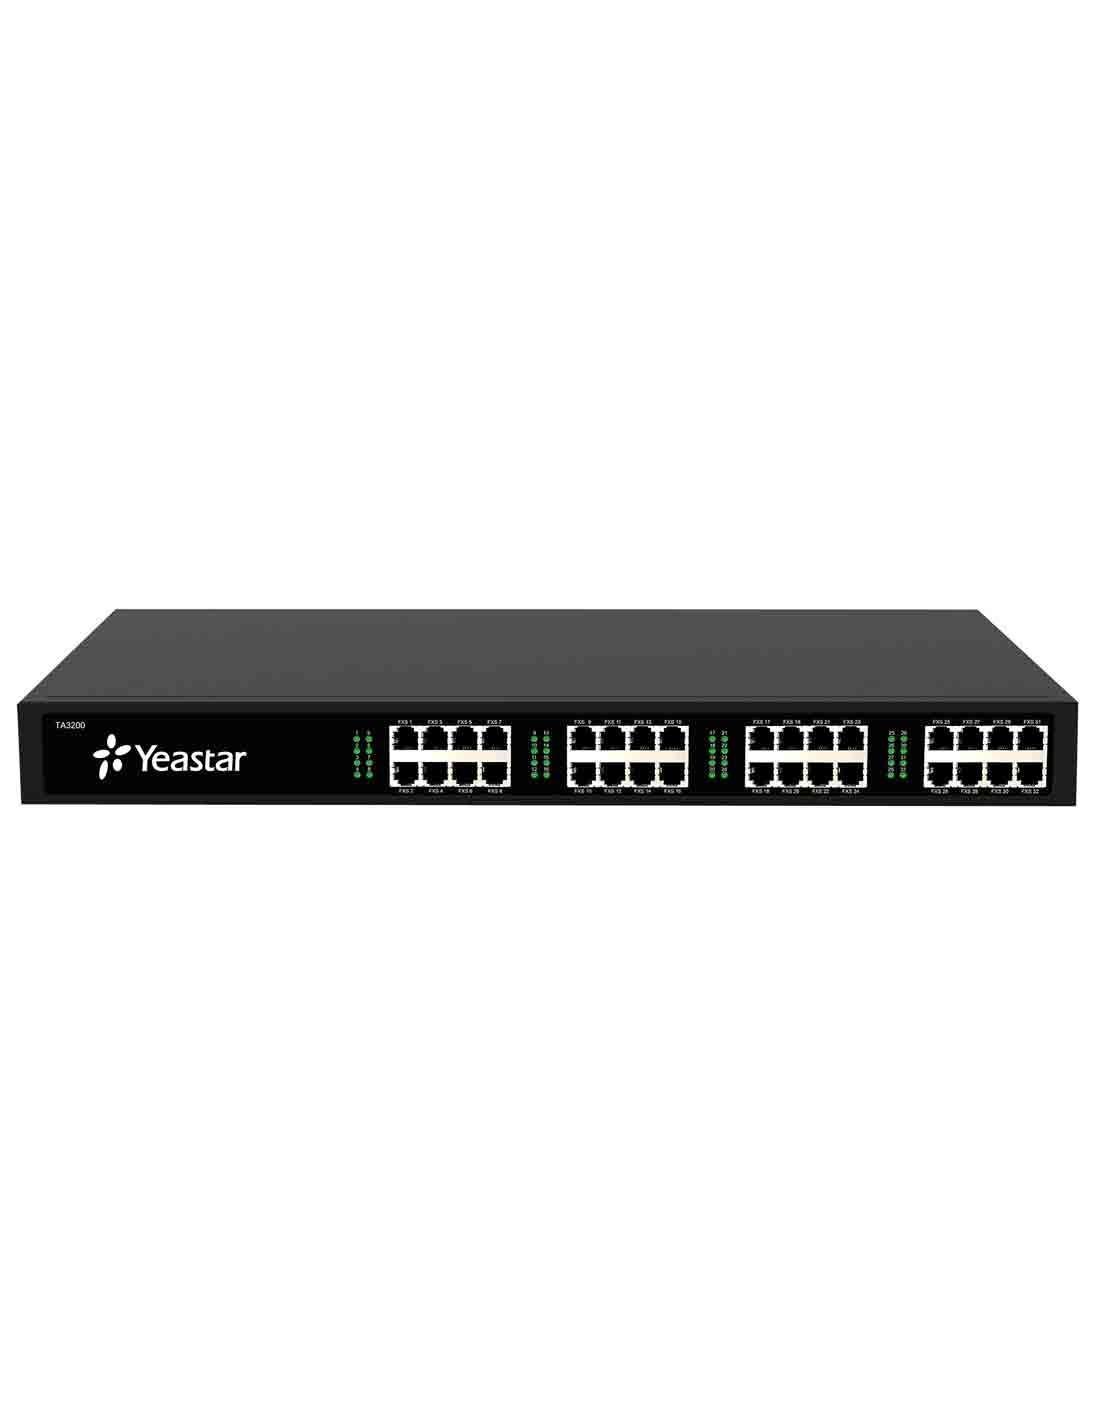 Yeastar TA3200 FXS VoIP Gateway Dubai Online Store